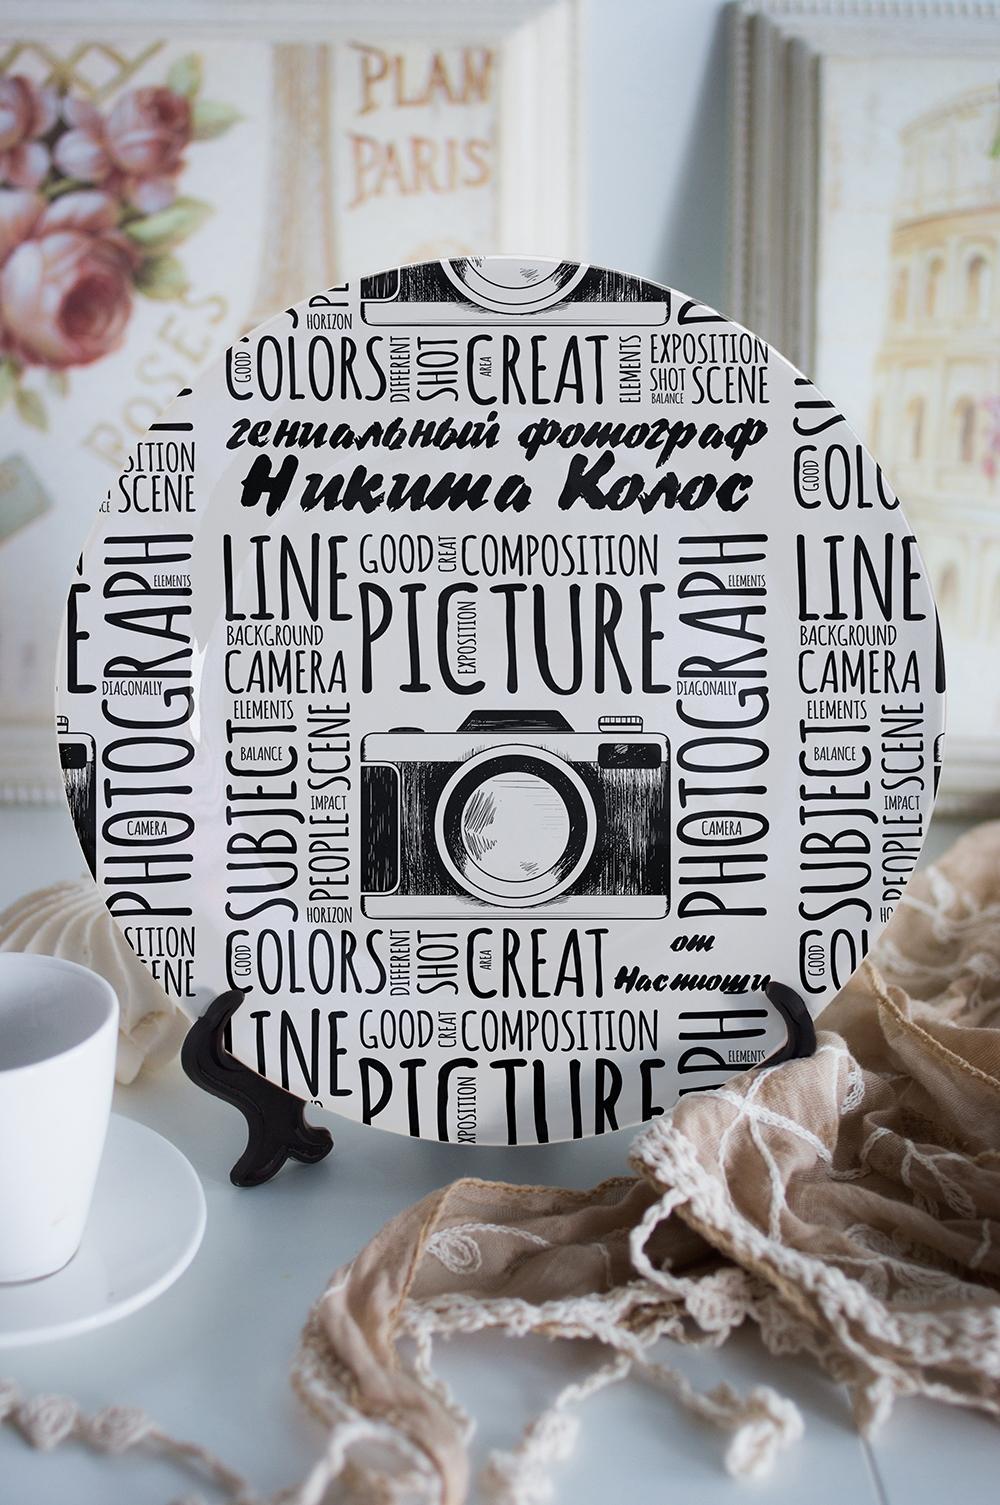 Тарелка декоративная с вашим текстом ФотографуТарелки и пиалы<br>Подарите необыкновенный сувенир с индивидуальной надписью и именем – такая декоративная тарелка станет эксклюзивным украшением для интерьера и незабываемым подарком! Выберите понравившийся фон, впишите любимую фразу, имя получателя. Диаметр 20см<br>